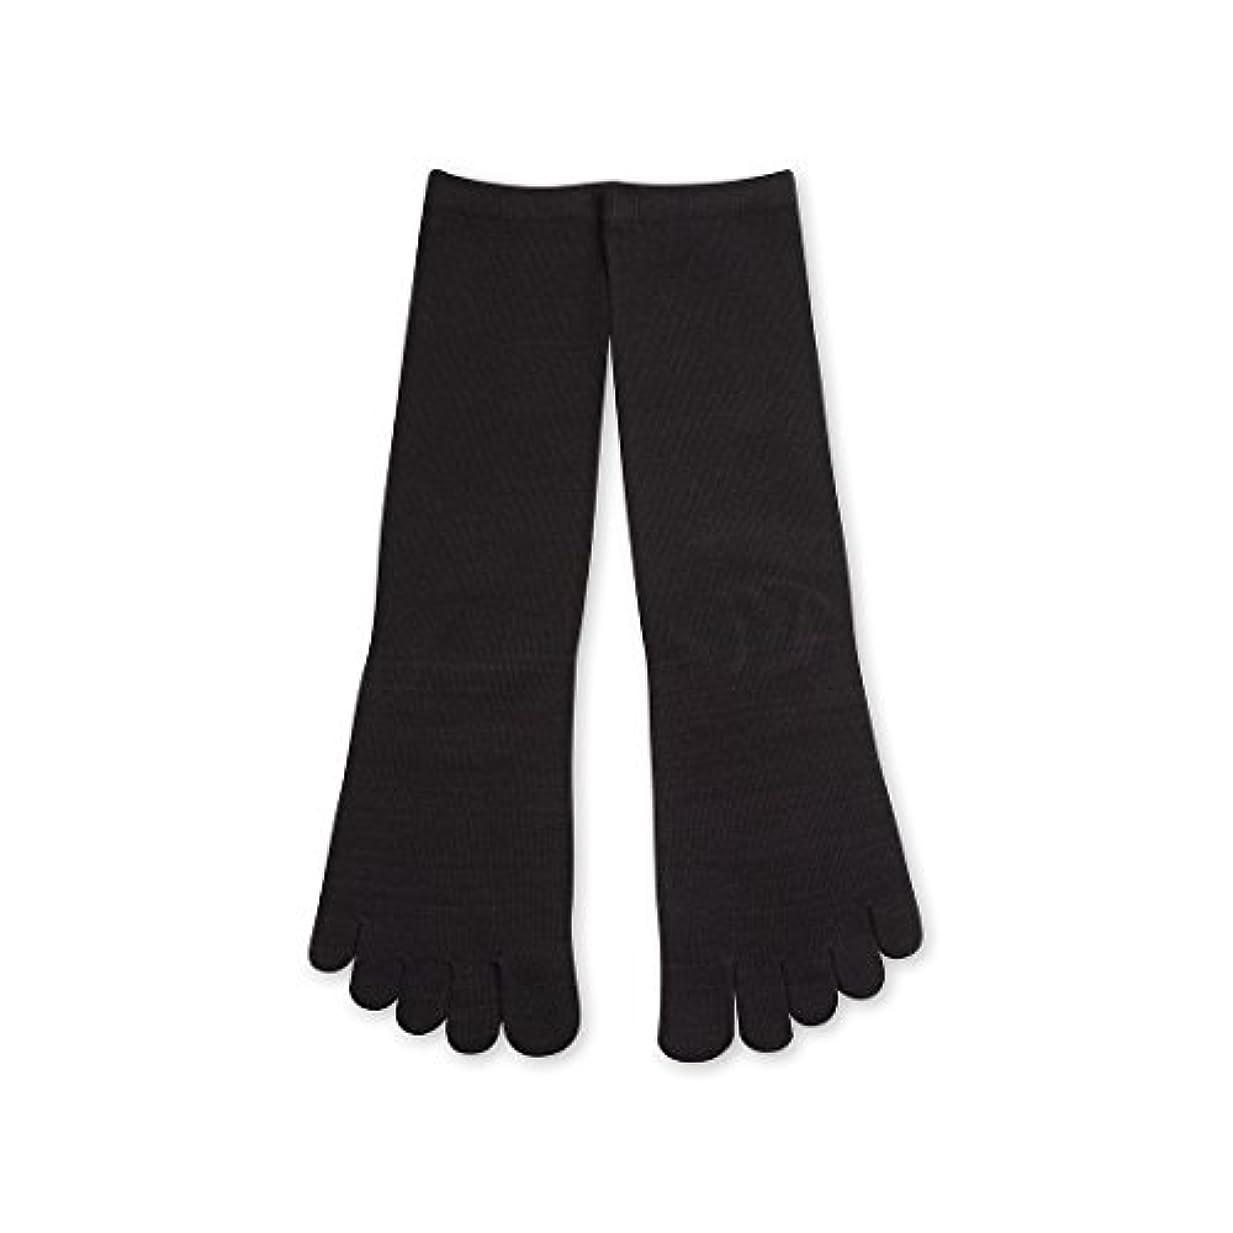 信頼性のある使い込むナビゲーションDeol(デオル) 5本指 ソックス 男性用 靴下 25~27cm 黒